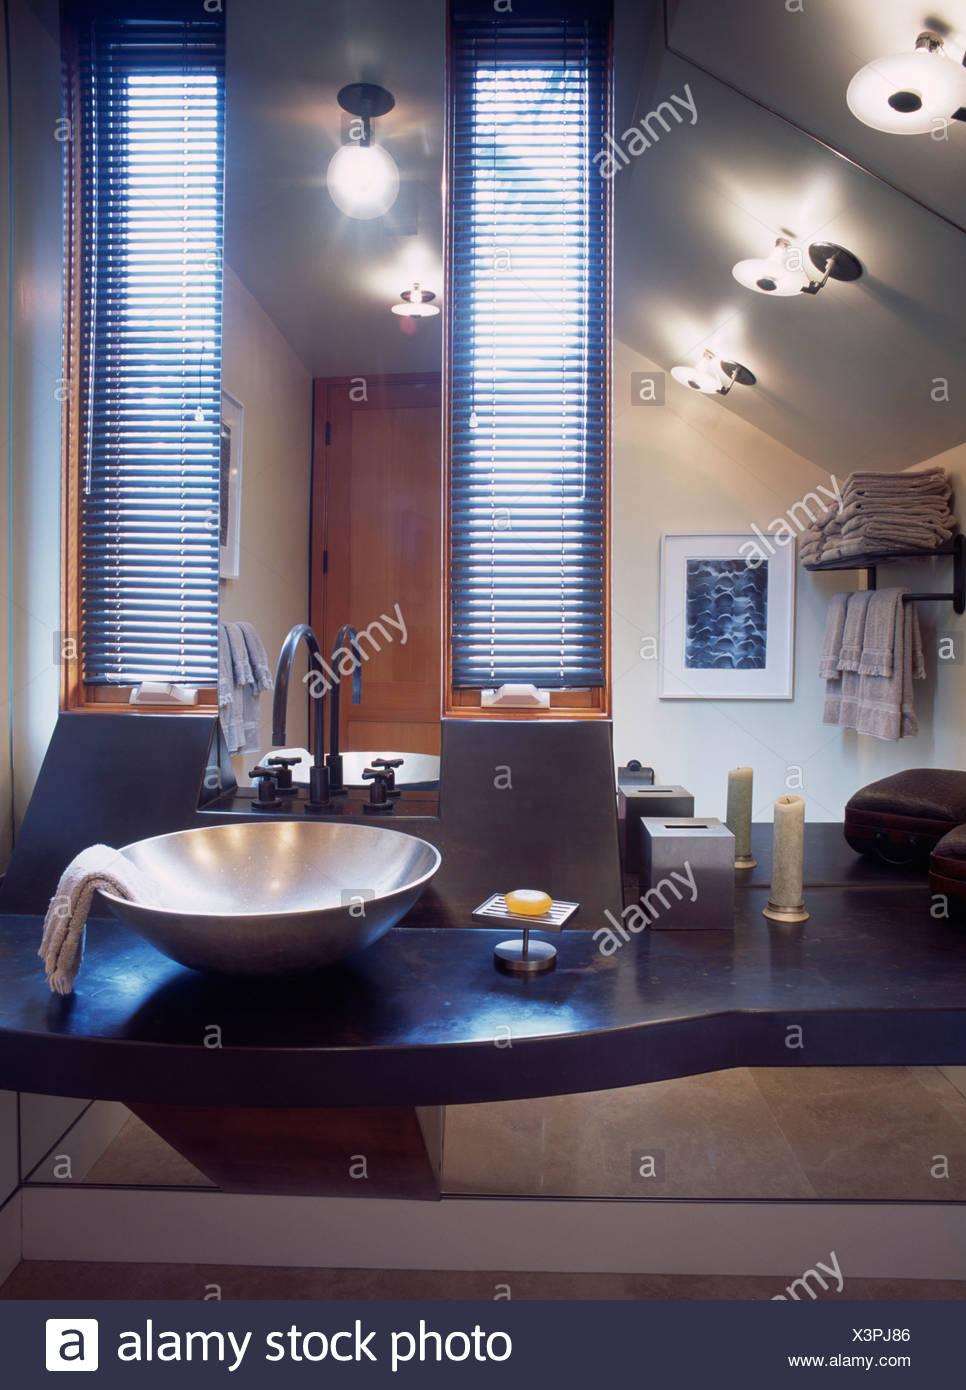 Scheibe leuchtet an Decke in modernen kalifornischen Badezimmer mit ...